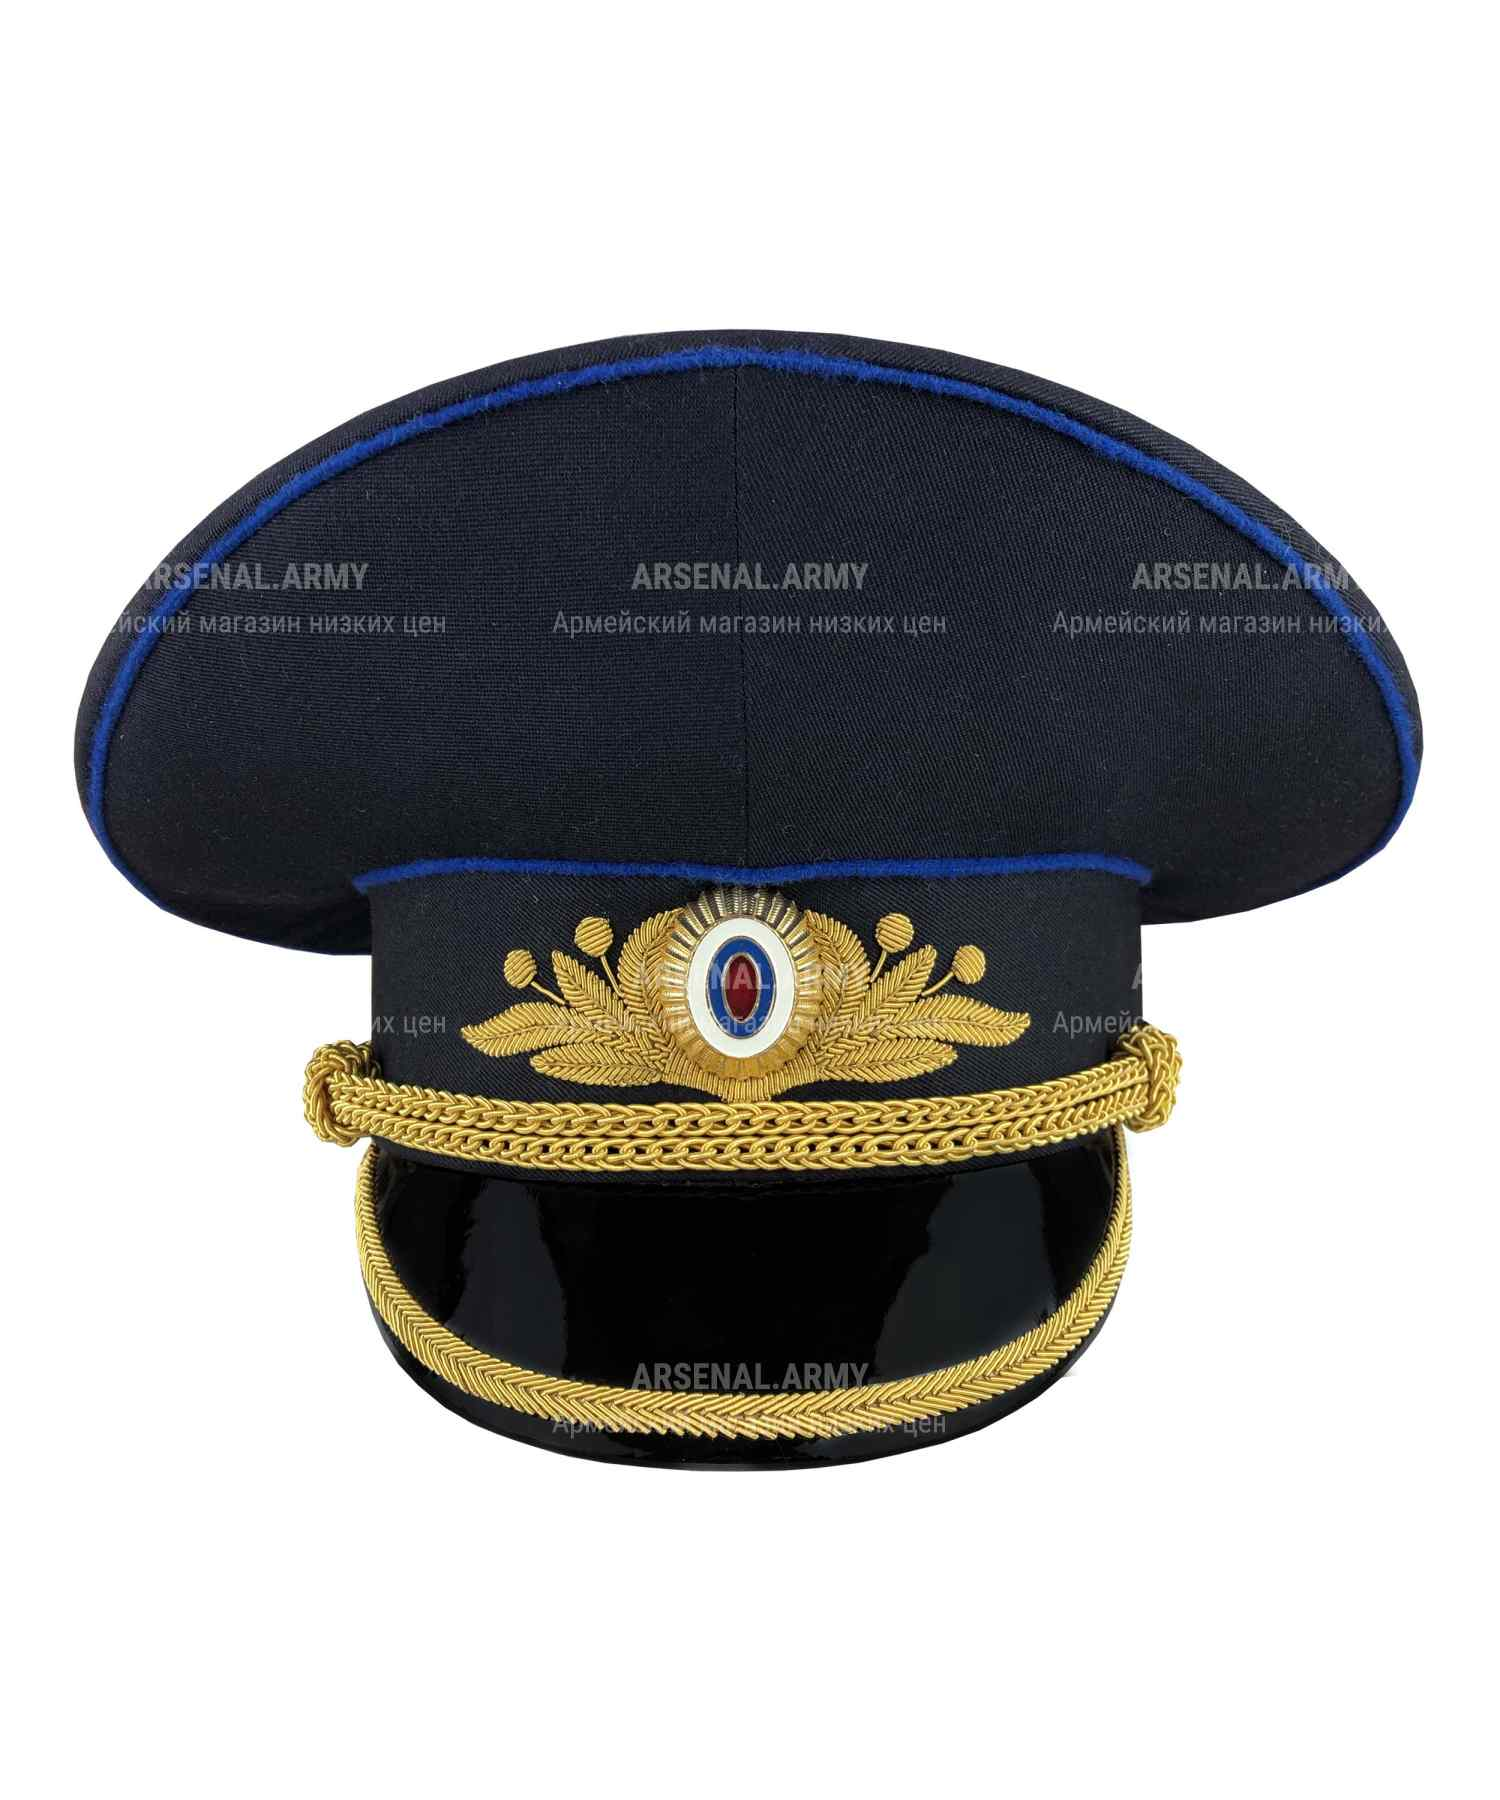 Фуражка юстиции генеральская